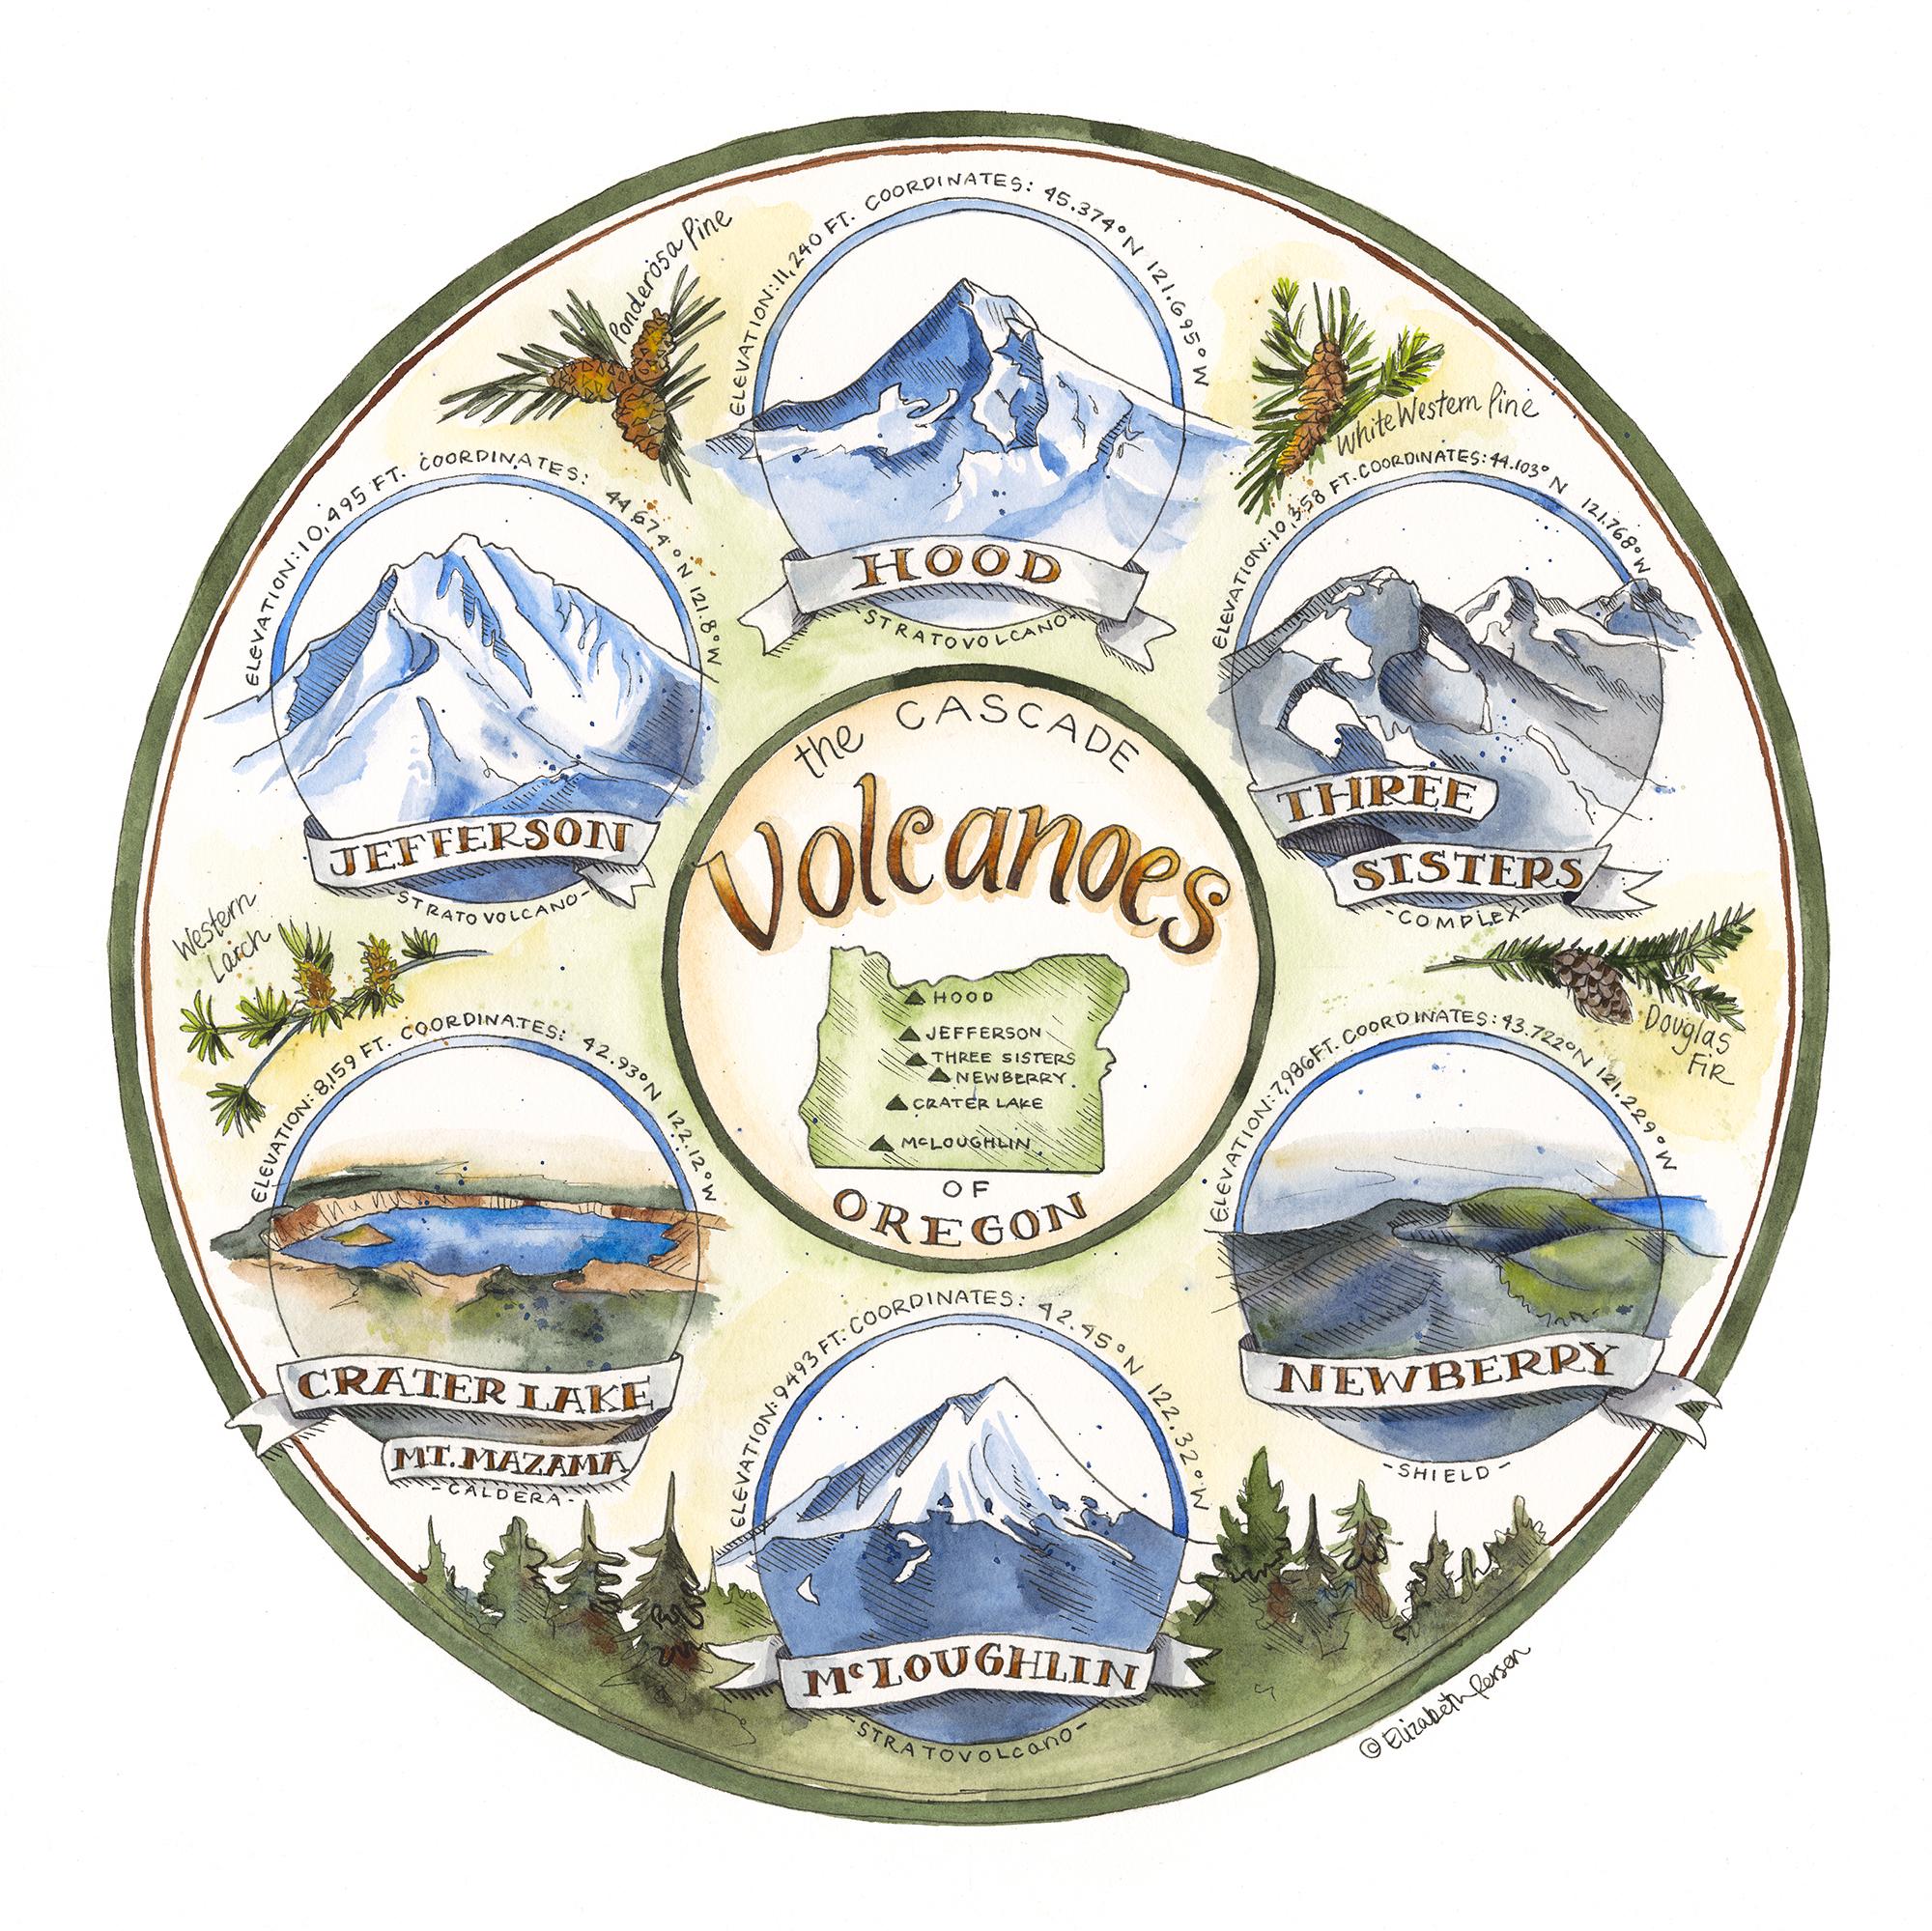 Elizabeth Person_Cascade Volcanoes of Oregon.jpg